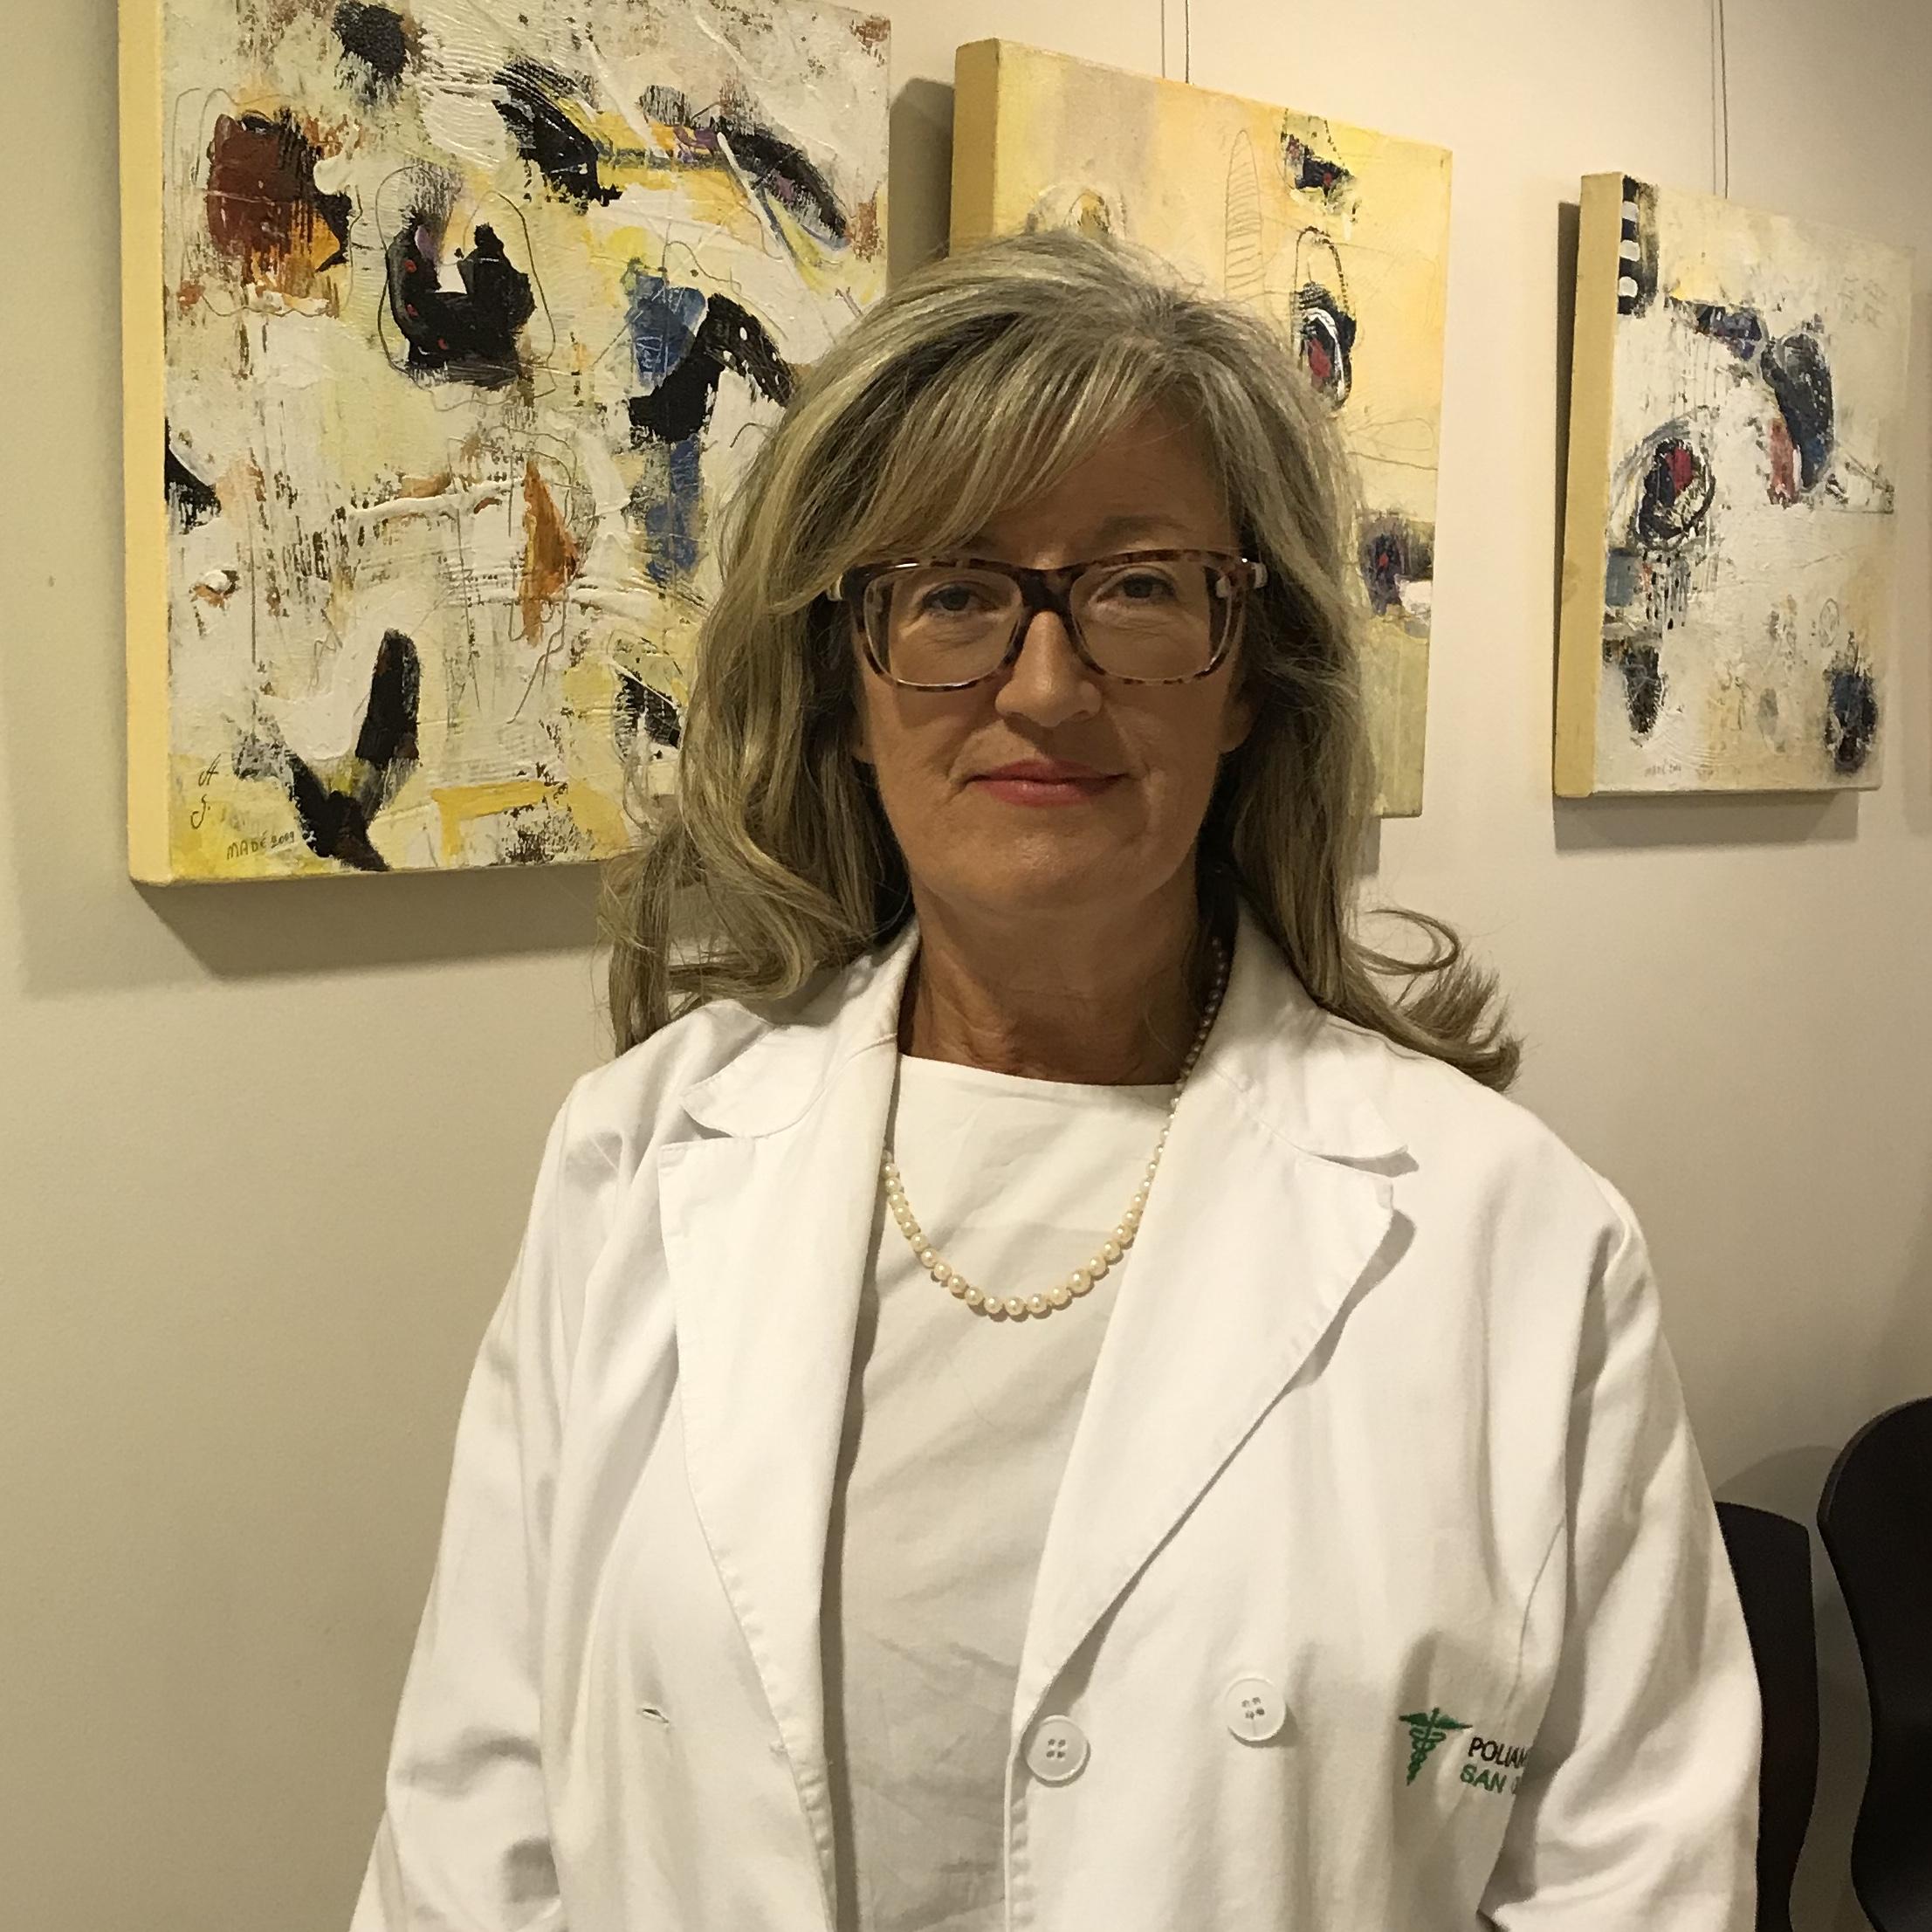 Dott. Anni Rosanna